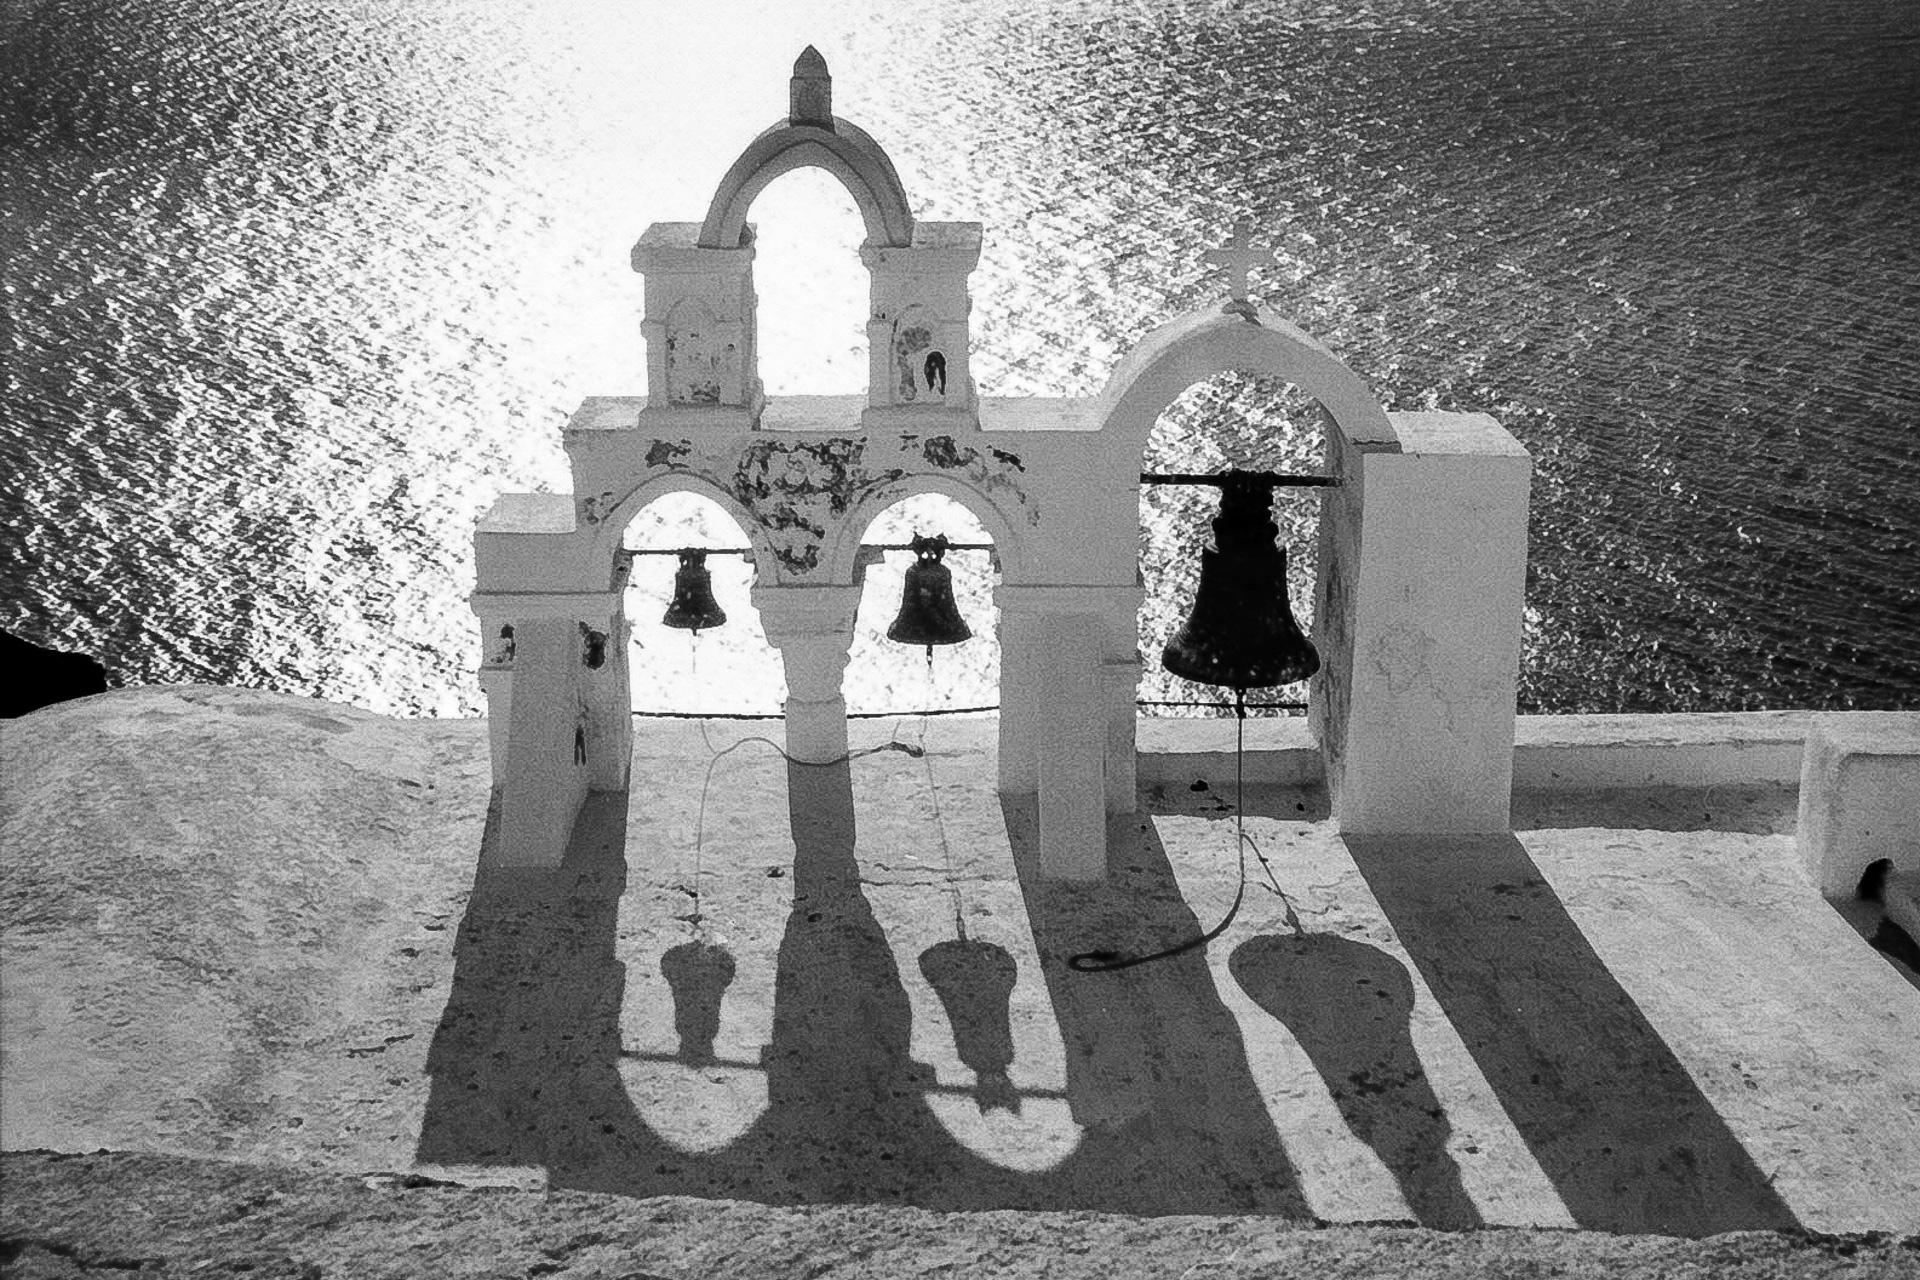 1977 Santorini